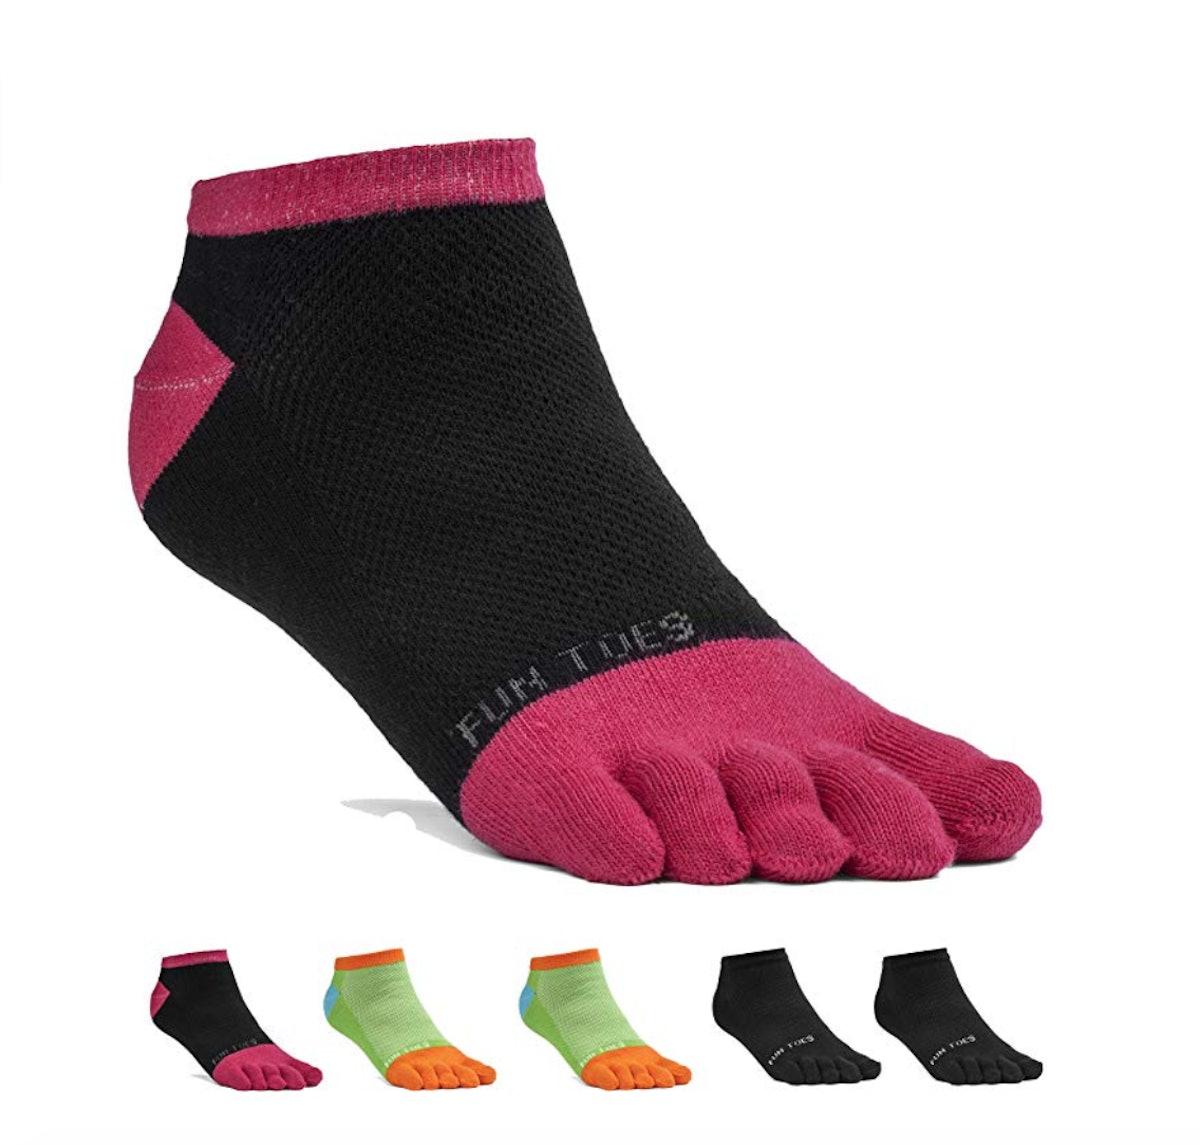 FUN TOES Cotton Toe Socks